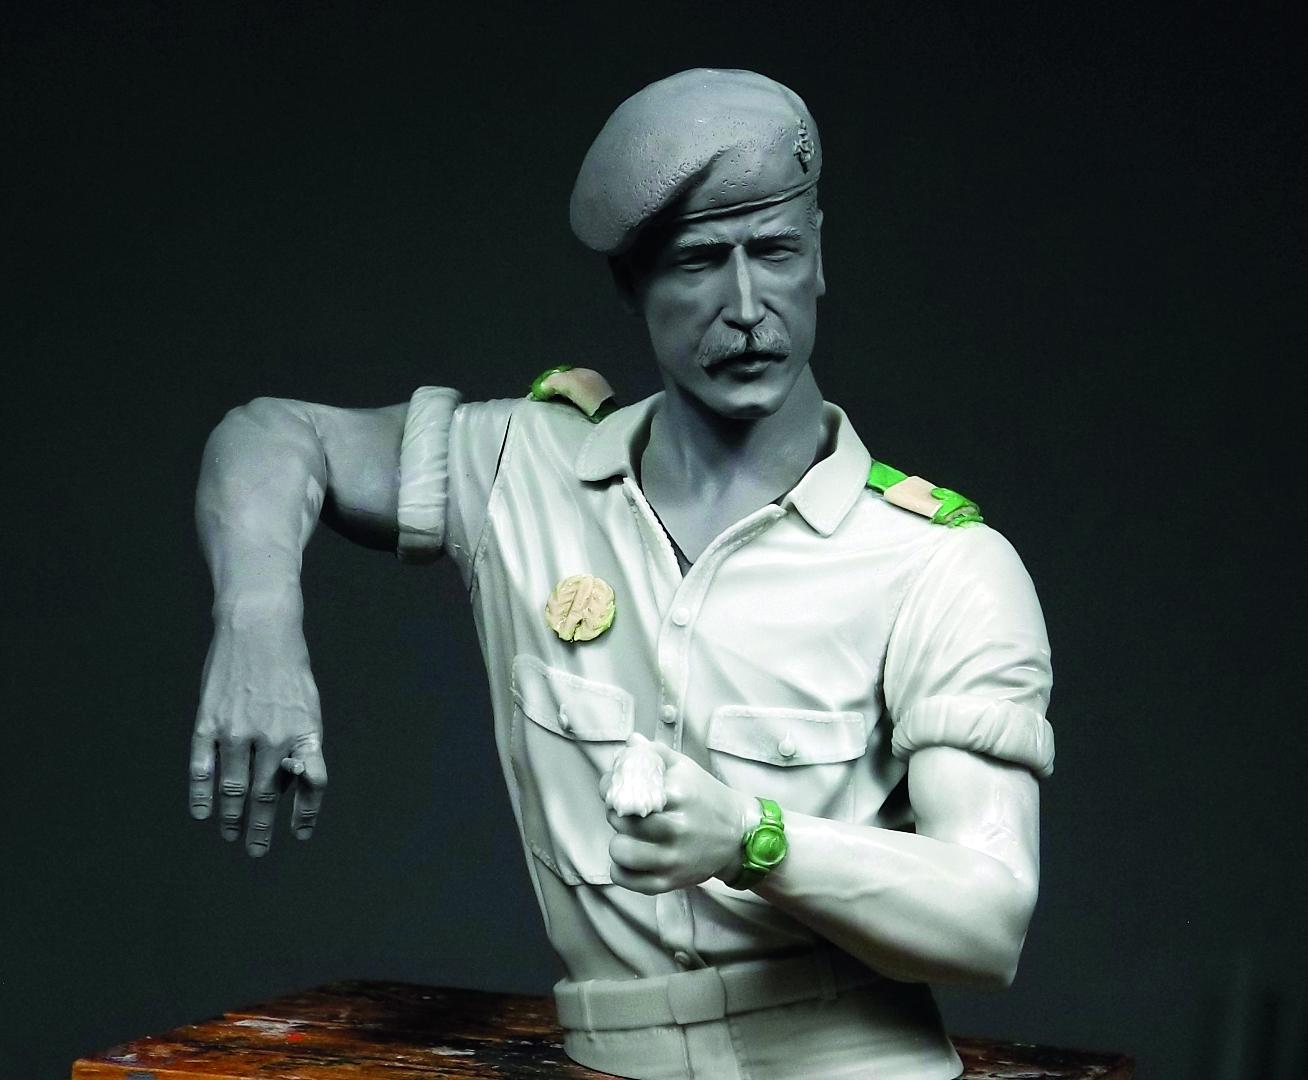 Metamorfose do marinheiro norte-americano para o fuzileiro português (imagem O modelo da Oerlikon pronto para a pintura (imagem Vitalino Chitas)